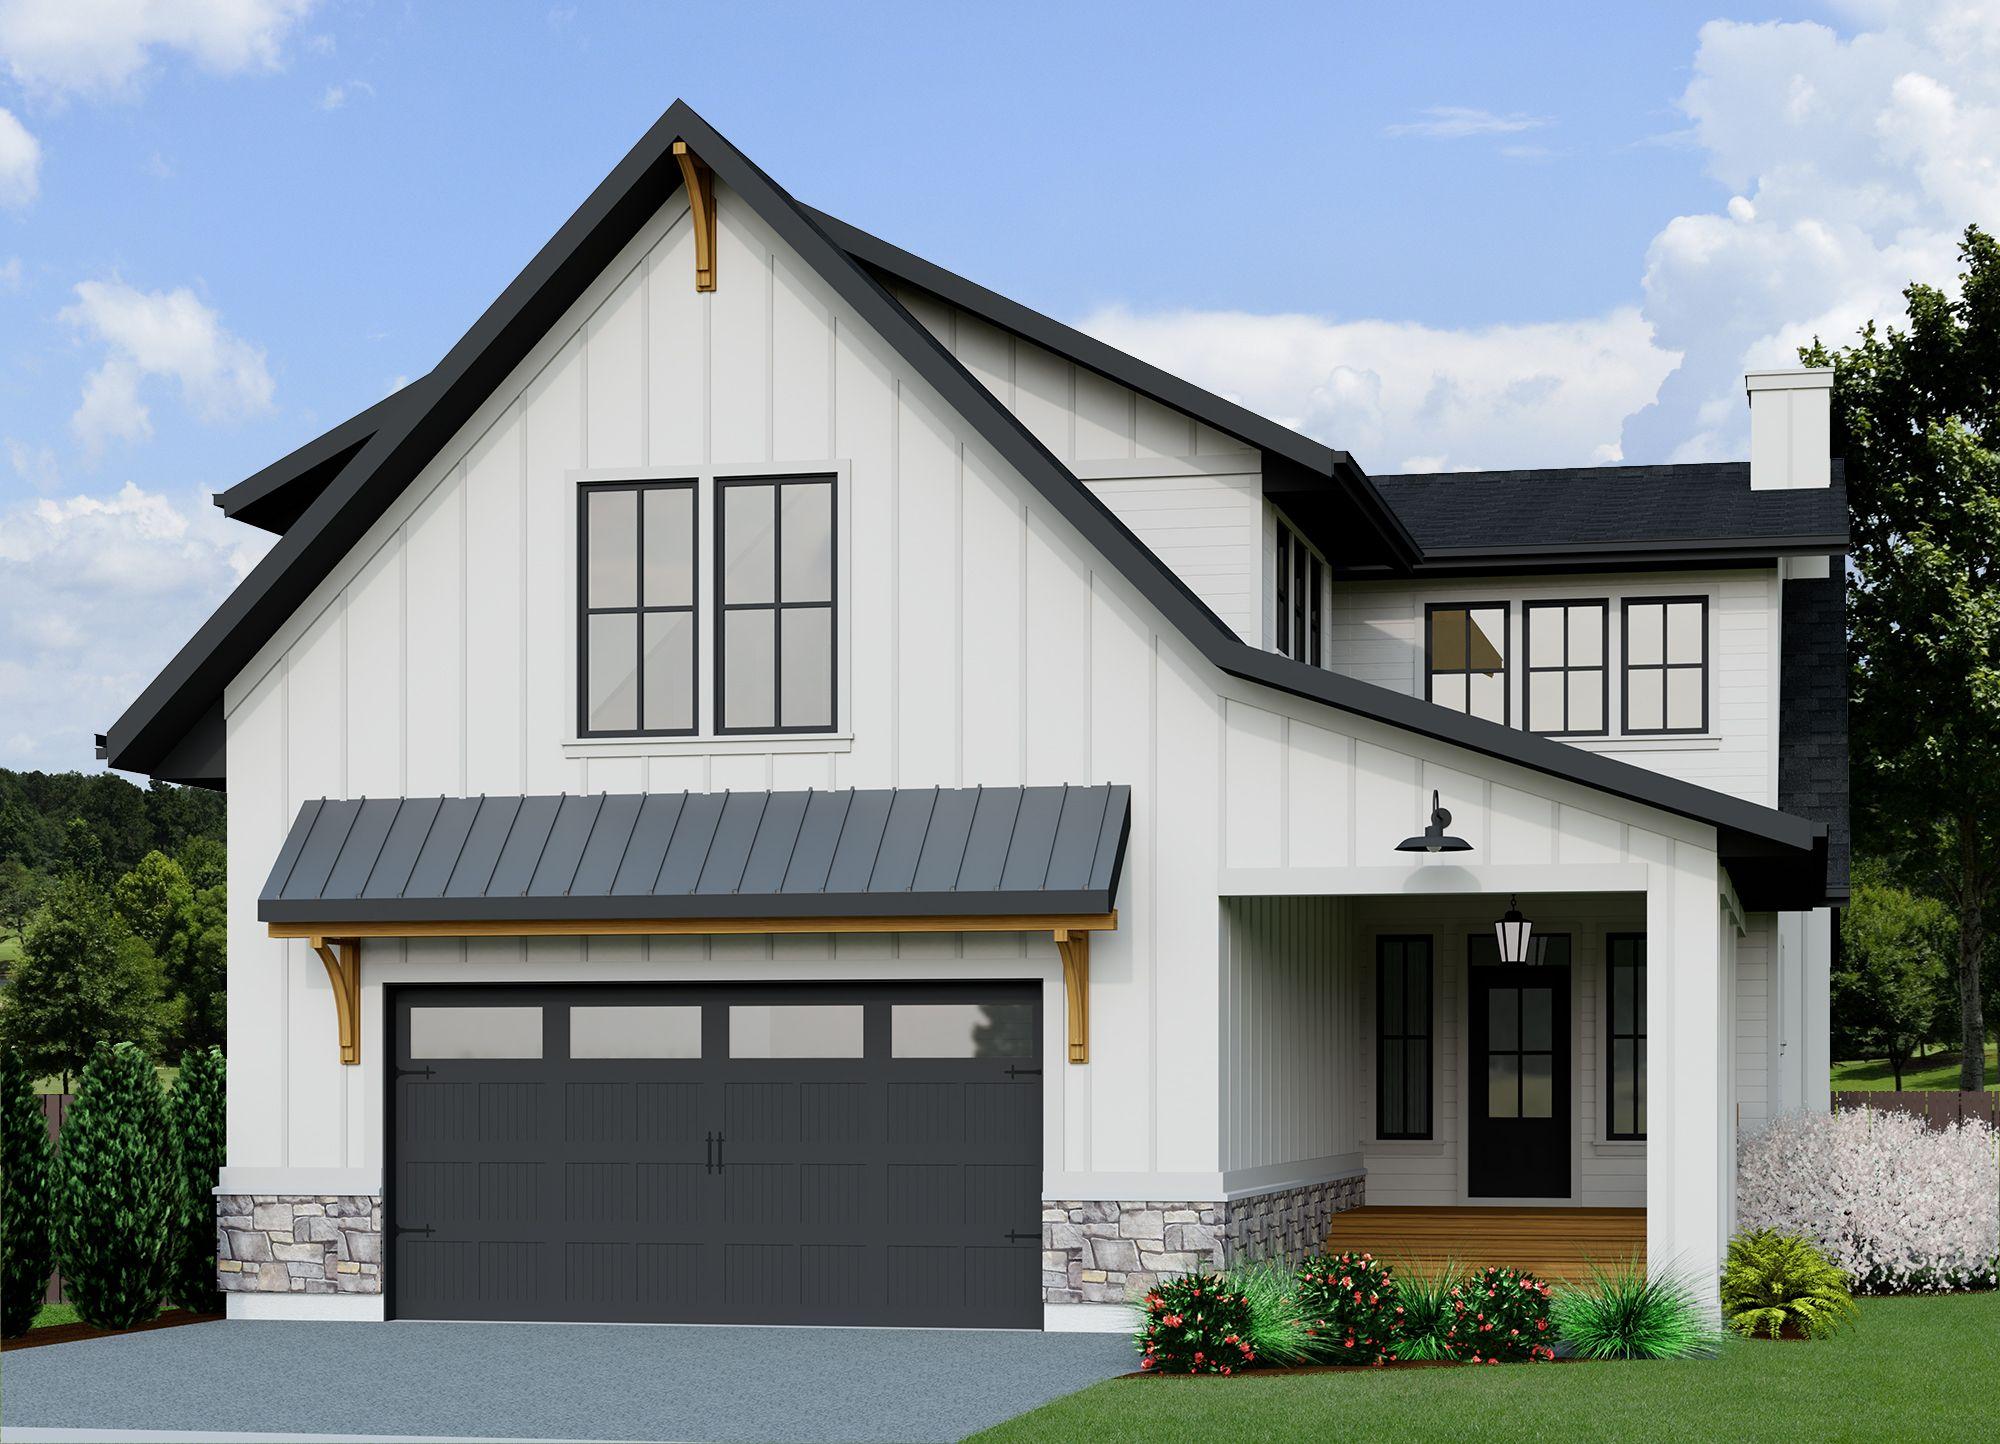 Plan 62769DJ Modern Farmhouse Ranch Home Plan with